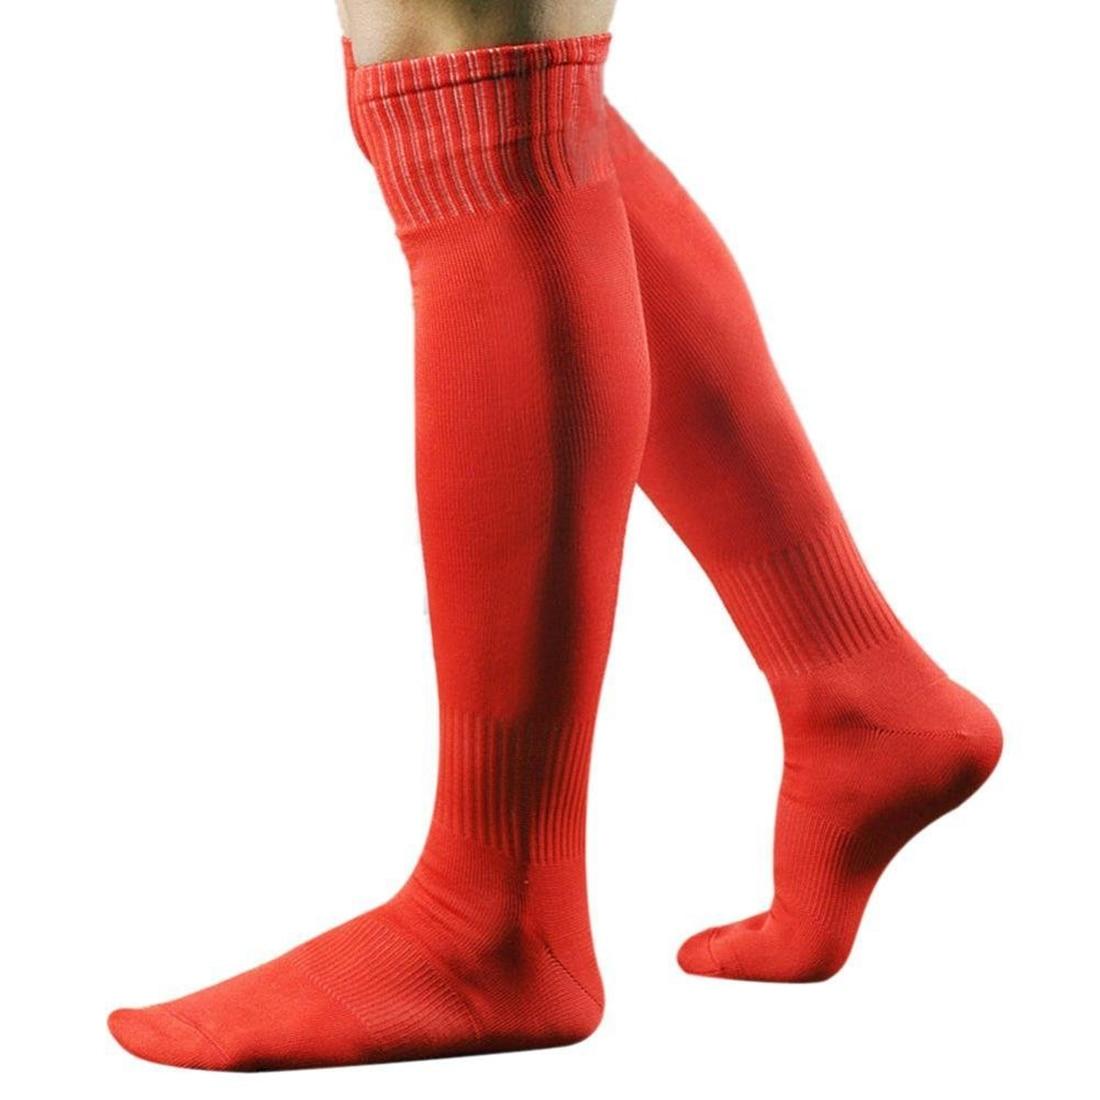 Men's Sports Baseball Hockey Soccer Socks Long High Sock (red)